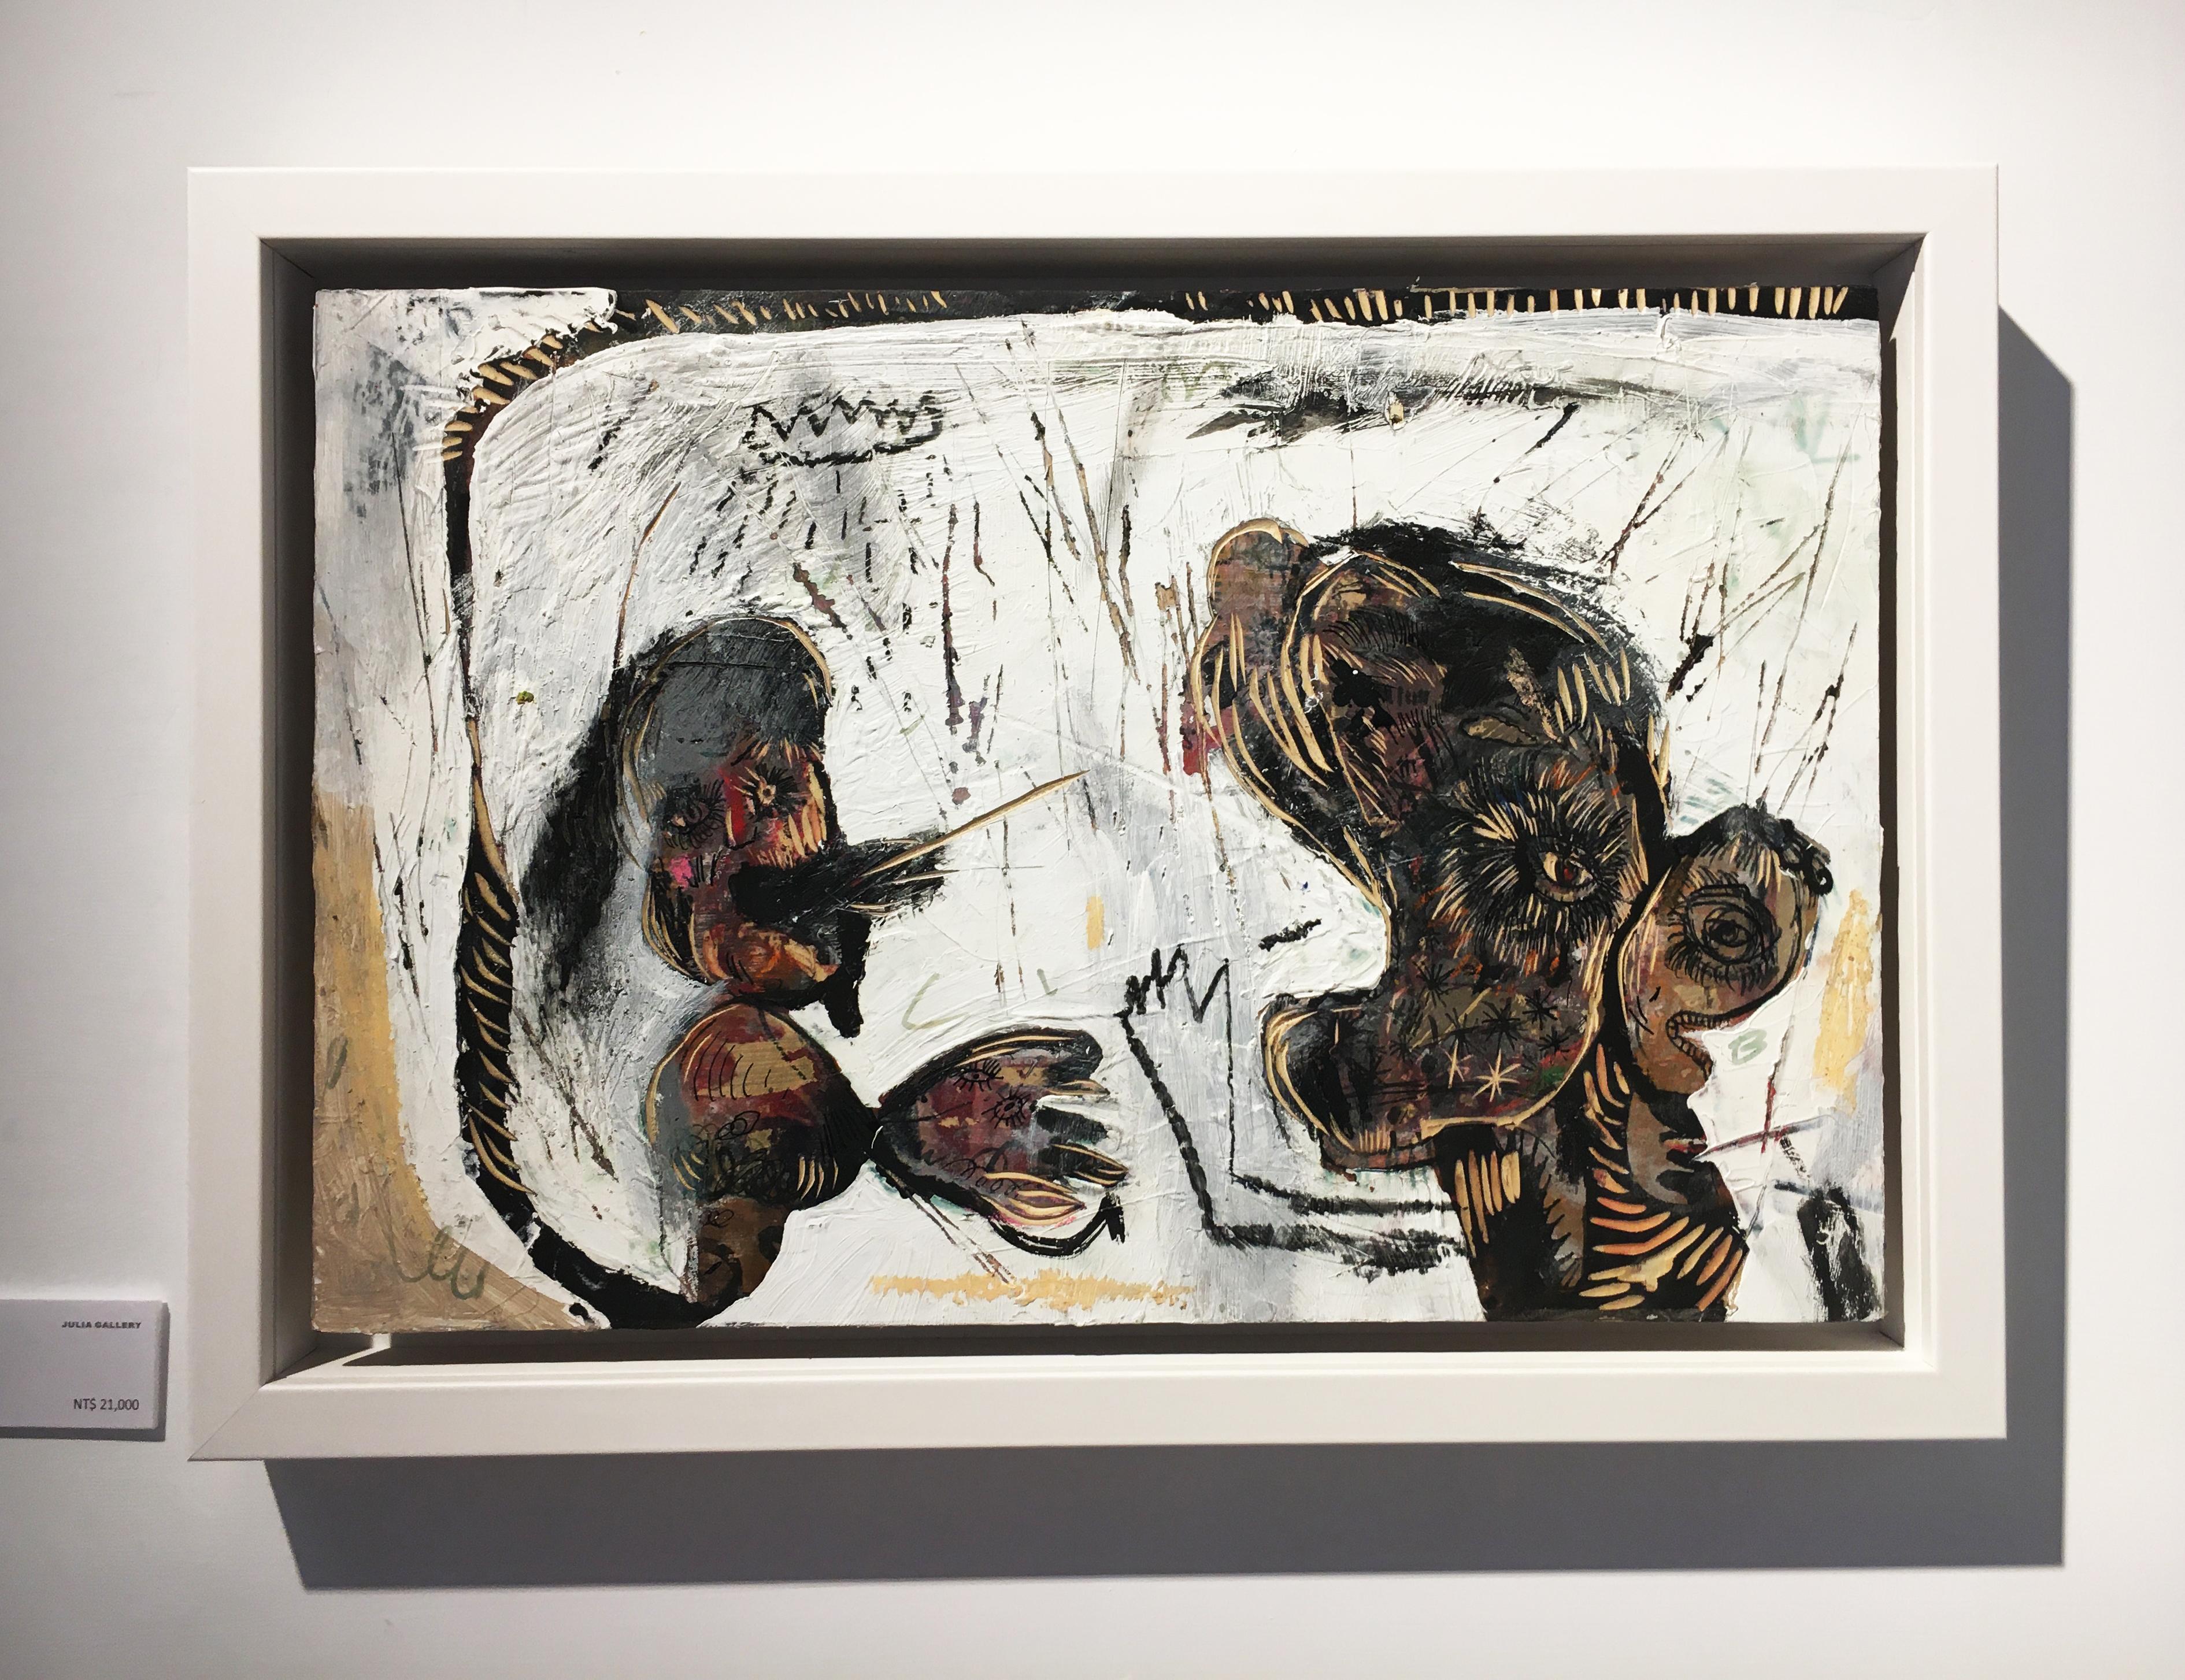 張瓊方,《講不聽》,30 x 45 cm,油彩、蠟筆、木板、壓克力板,2020。